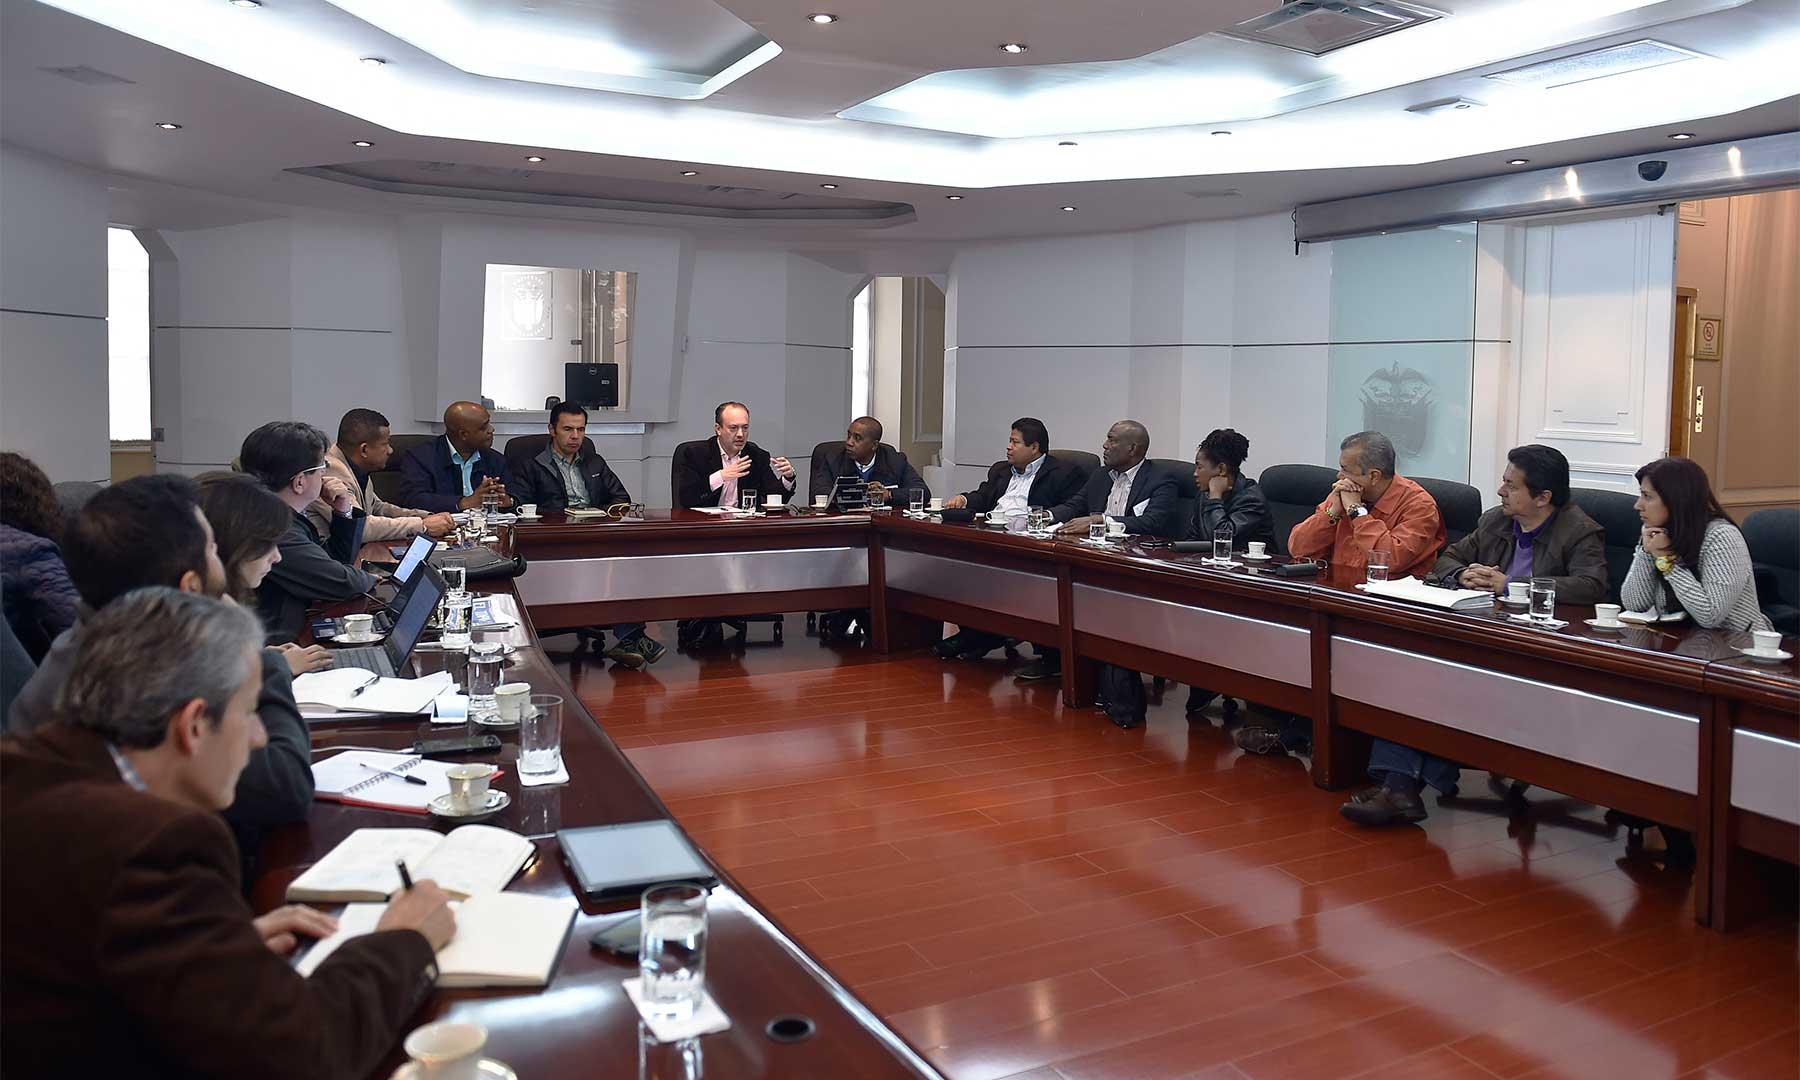 Avanza este domingo la reunión de la Mesa de Trabajo por el Chocó, liderada por el Secretario General de la Presidencia. Participan los Ministros de Ambiente e Interior (e), otros altos funcionarios, el gobernador del Chocó y el Alcalde de Quibdó.